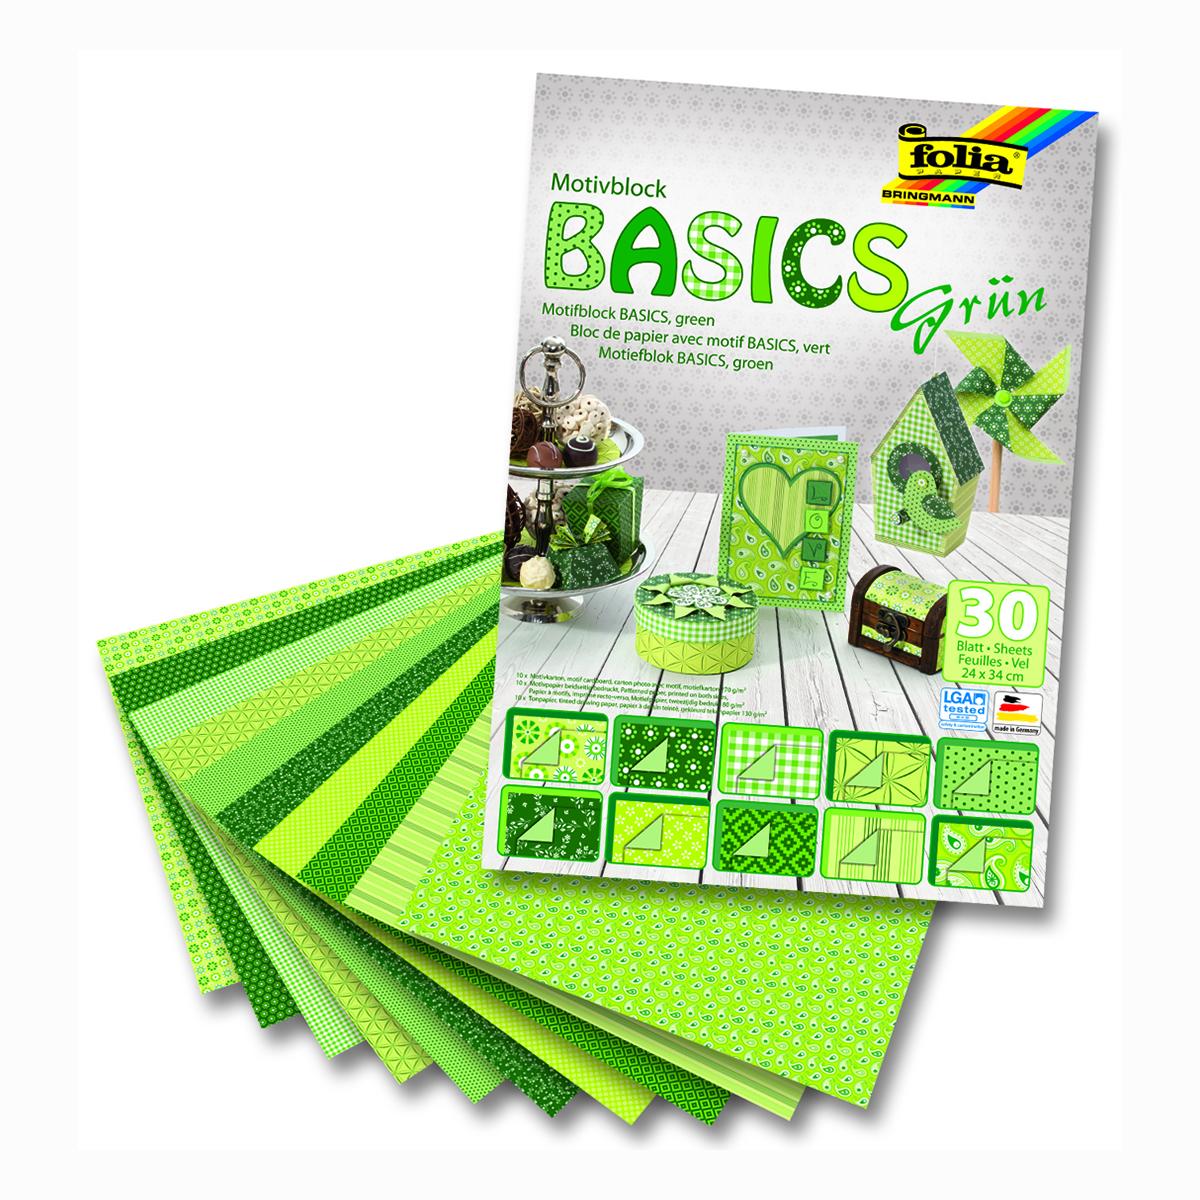 Набор дизайнерского картона Folia Базовый, цвет: зеленый, 24 х 34 см, 30 листов72523WDНабор дизайнерского картона Folia Базовый позволит создать красивый альбом, фоторамку или открытку ручной работы, оформить подарок или аппликацию. Скрапбукинг - это хобби, которое способно приносить массу приятных эмоций не только человеку, который этим занимается, но и его близким, друзьям, родным. Это невероятно увлекательное занятие, которое поможет вам сохранить наиболее памятные и яркие моменты вашей жизни, а также интересно оформить интерьер дома.Размер картона: 24 х 34 см.